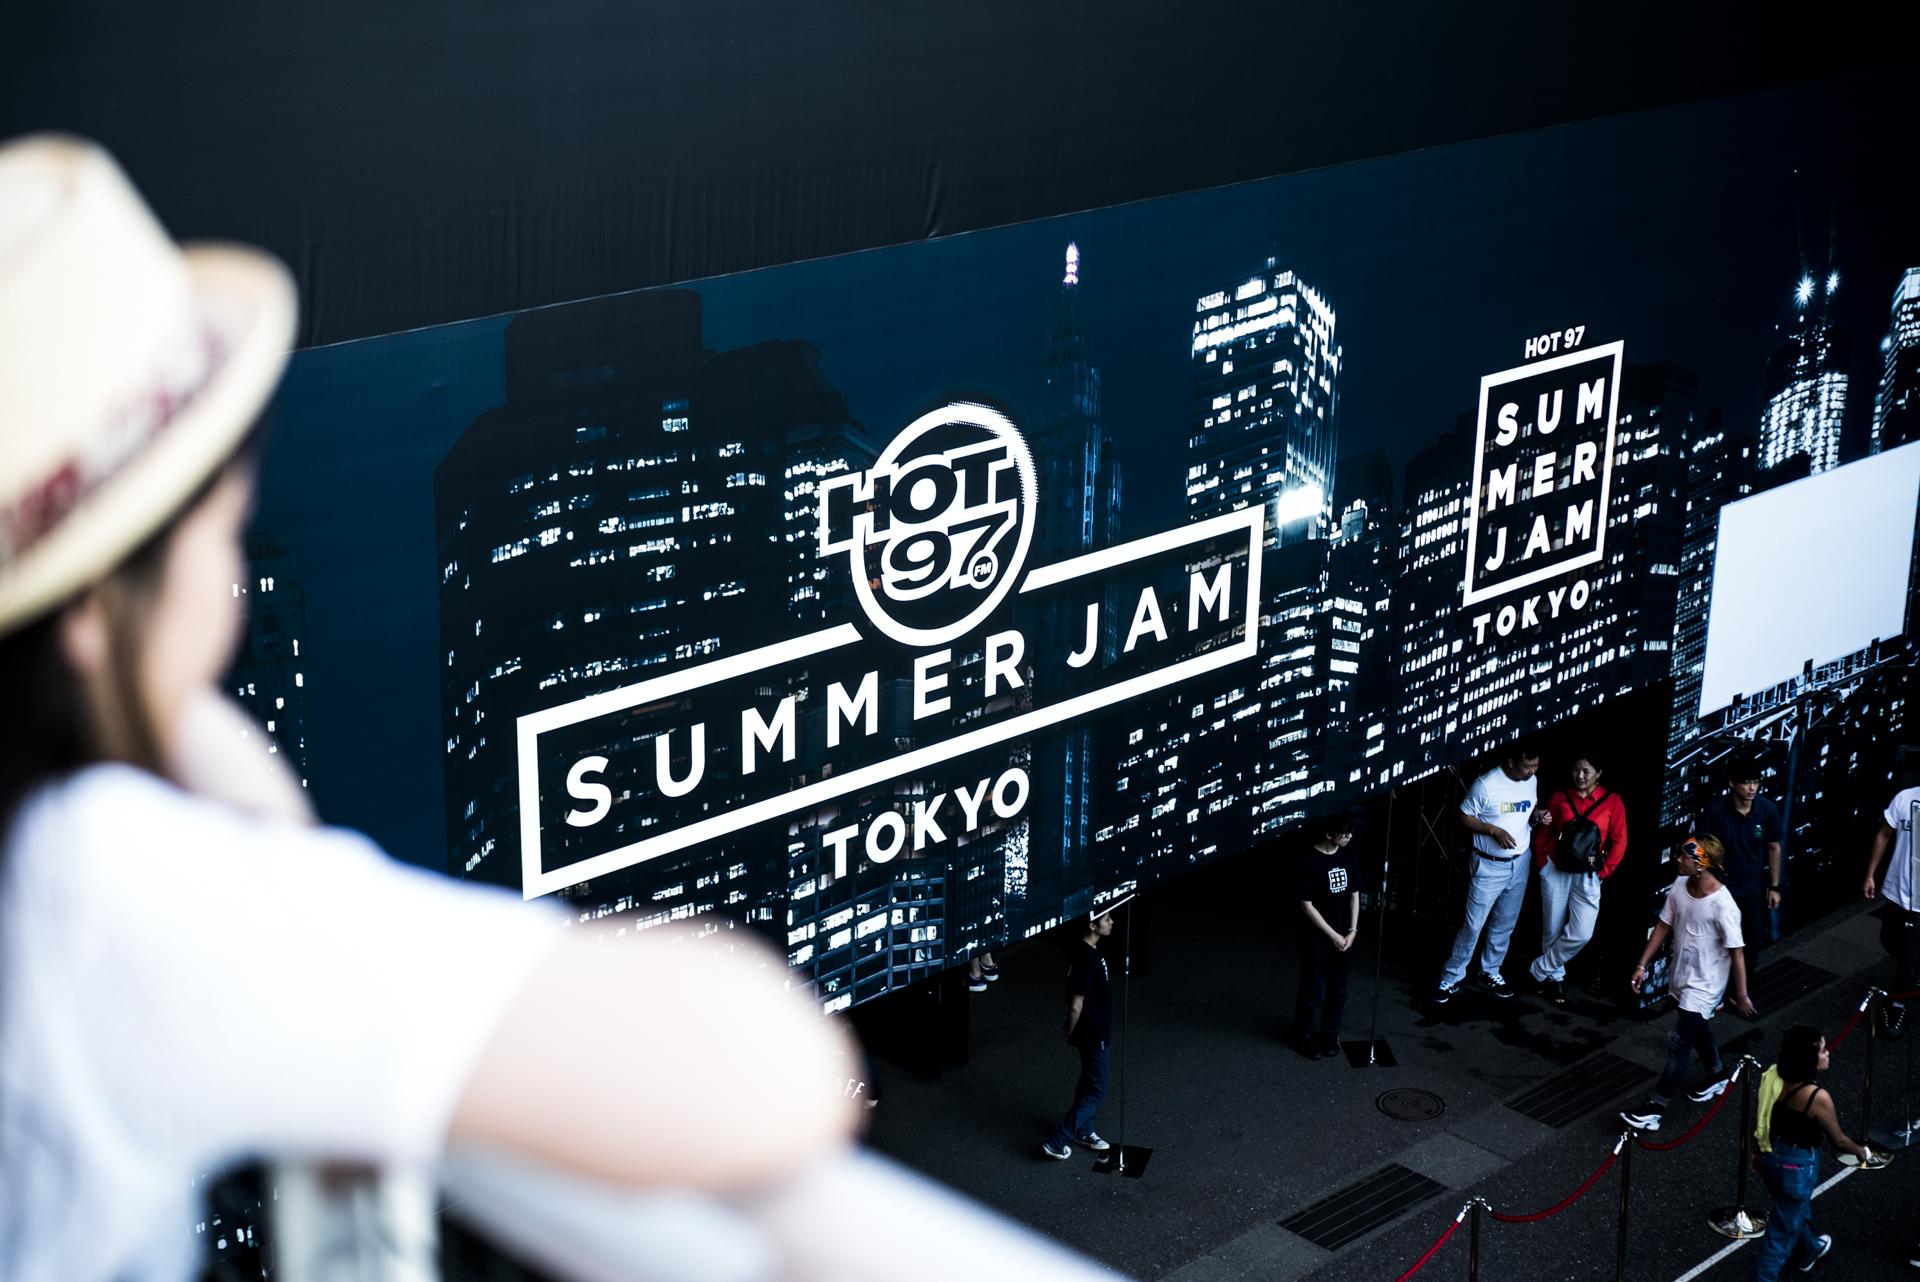 HOT 97 SUMMER JAM